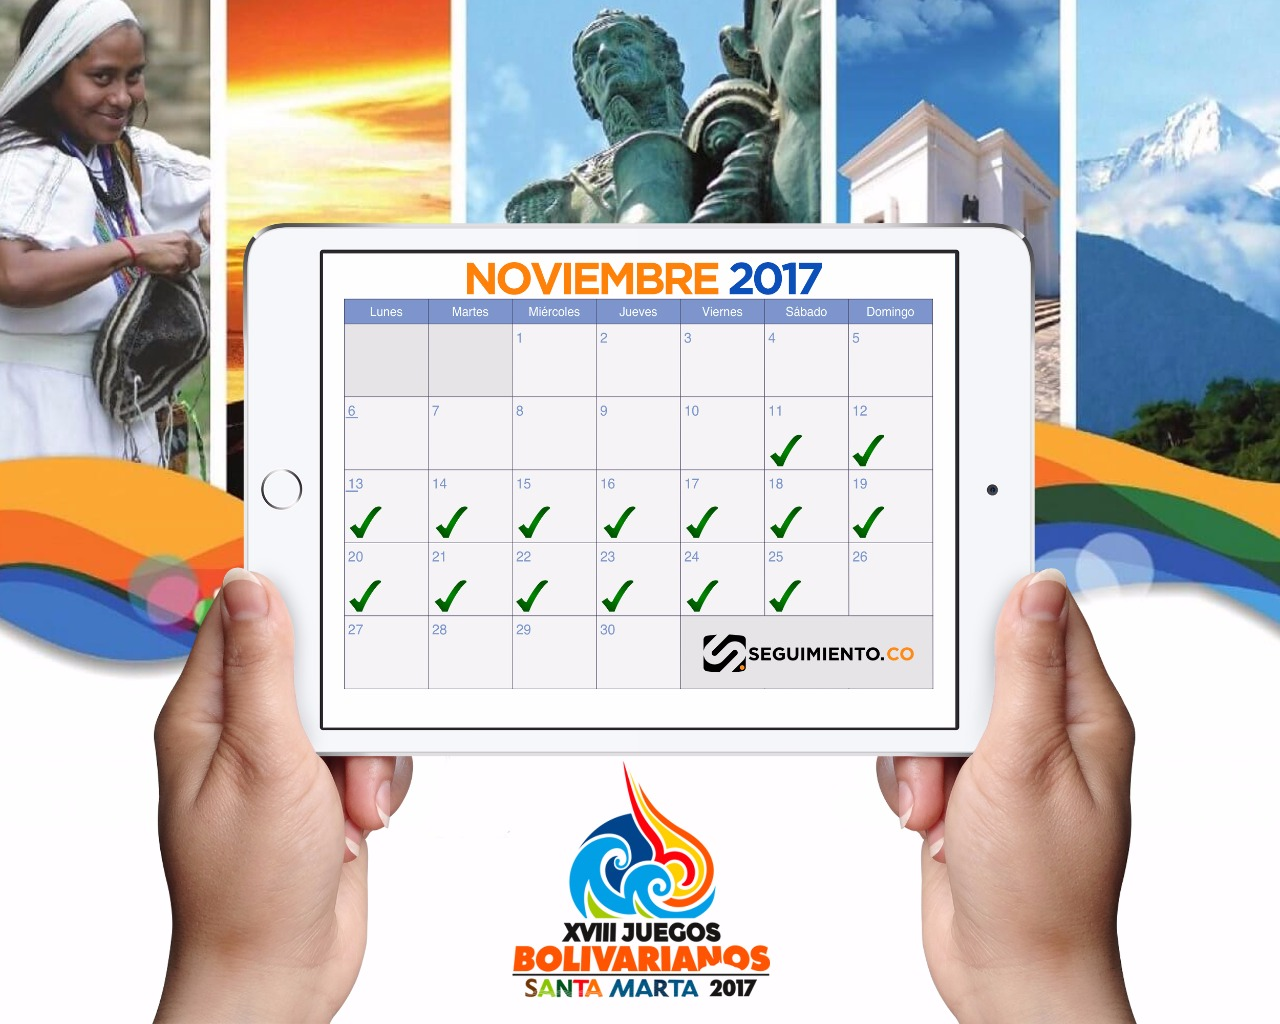 El objetivo es que, al tocar sobre la fecha se despliegue una ventana donde se muestre los eventos deportivos correspondiente en el día. Convirtiéndose en una alternativa interactiva para que los usuarios se programen con los juegos.